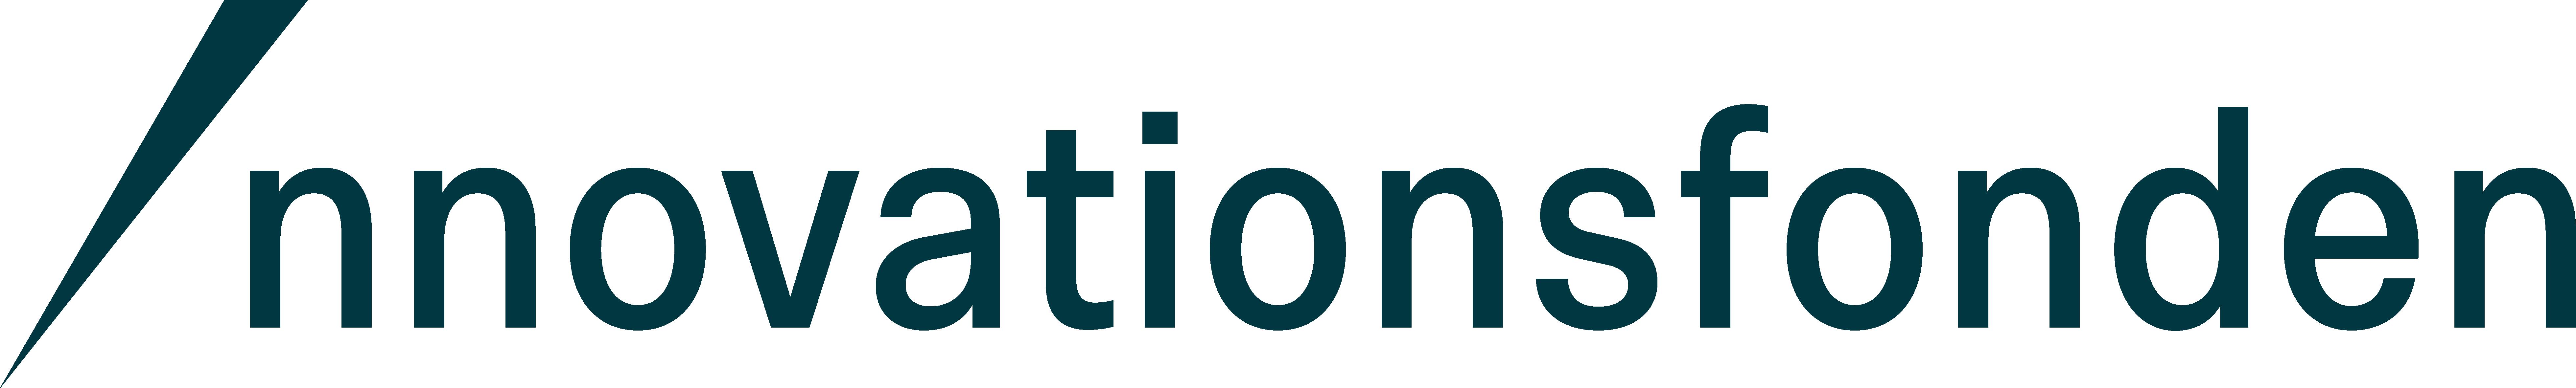 Innovationsfonden